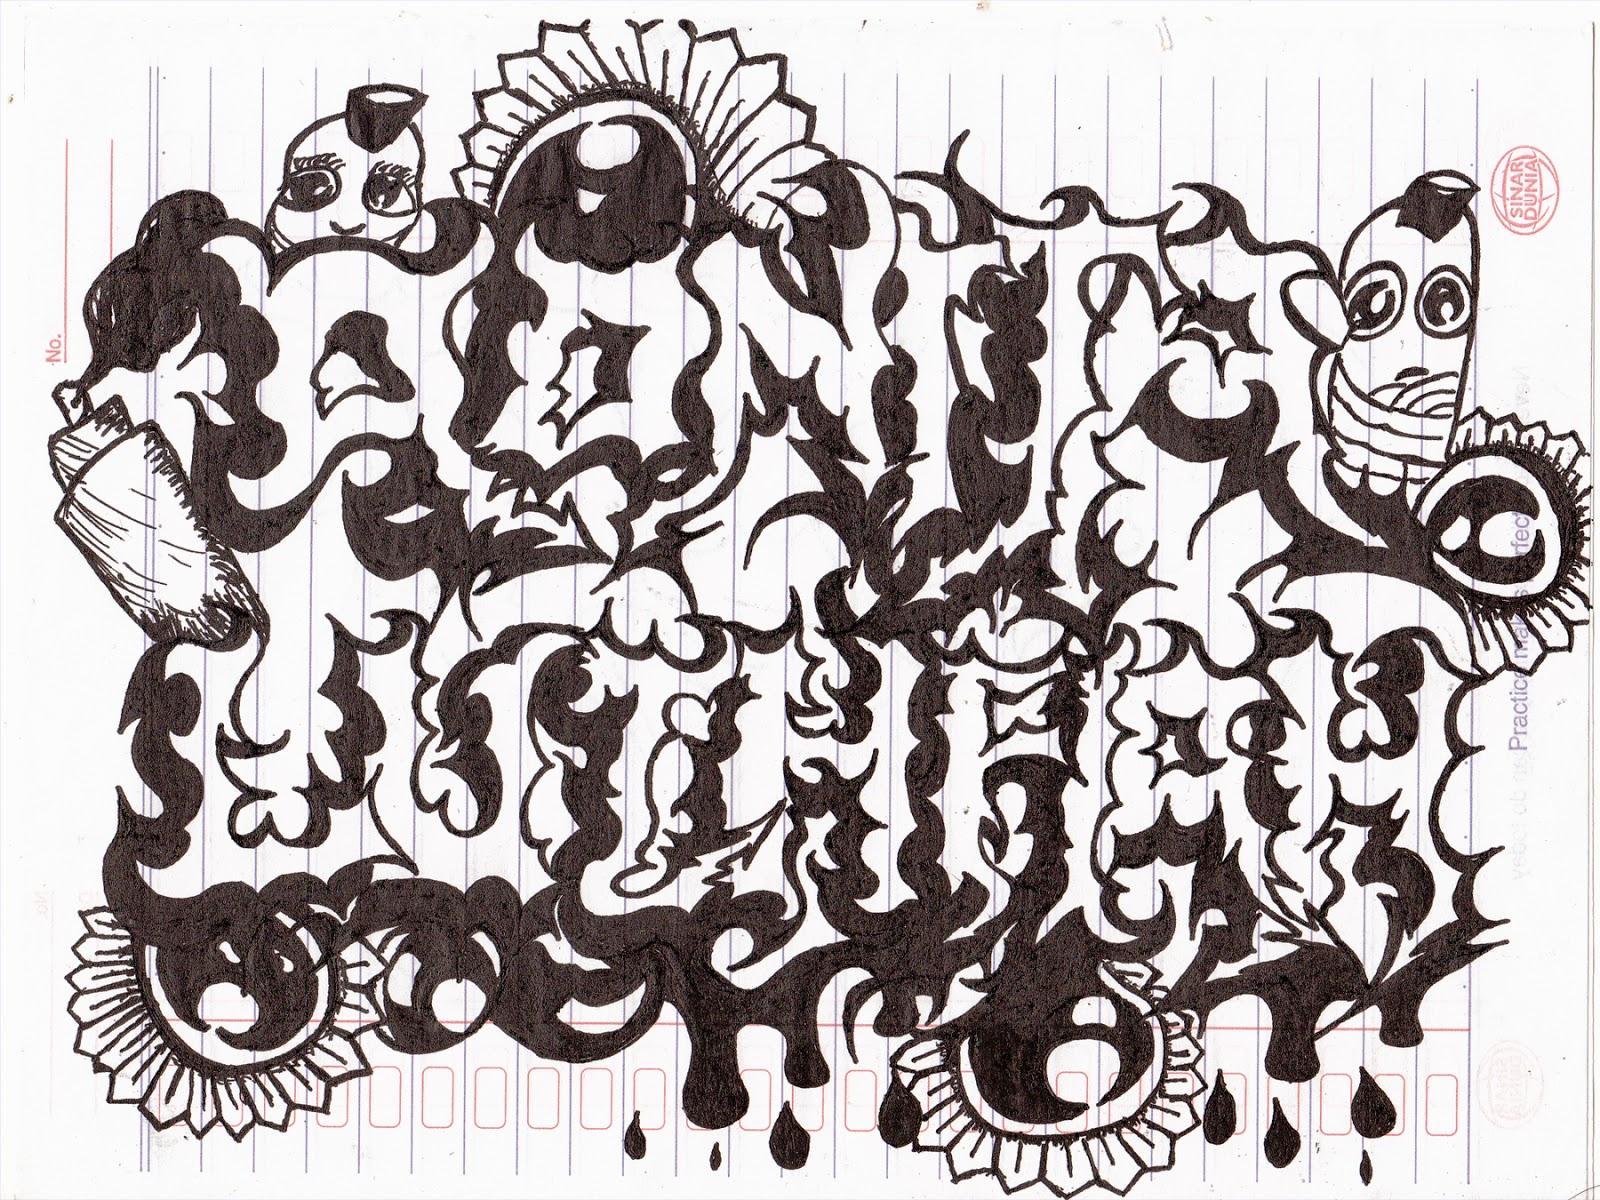 Gambar Gambar Grafiti Doodle  Sobgrafiti